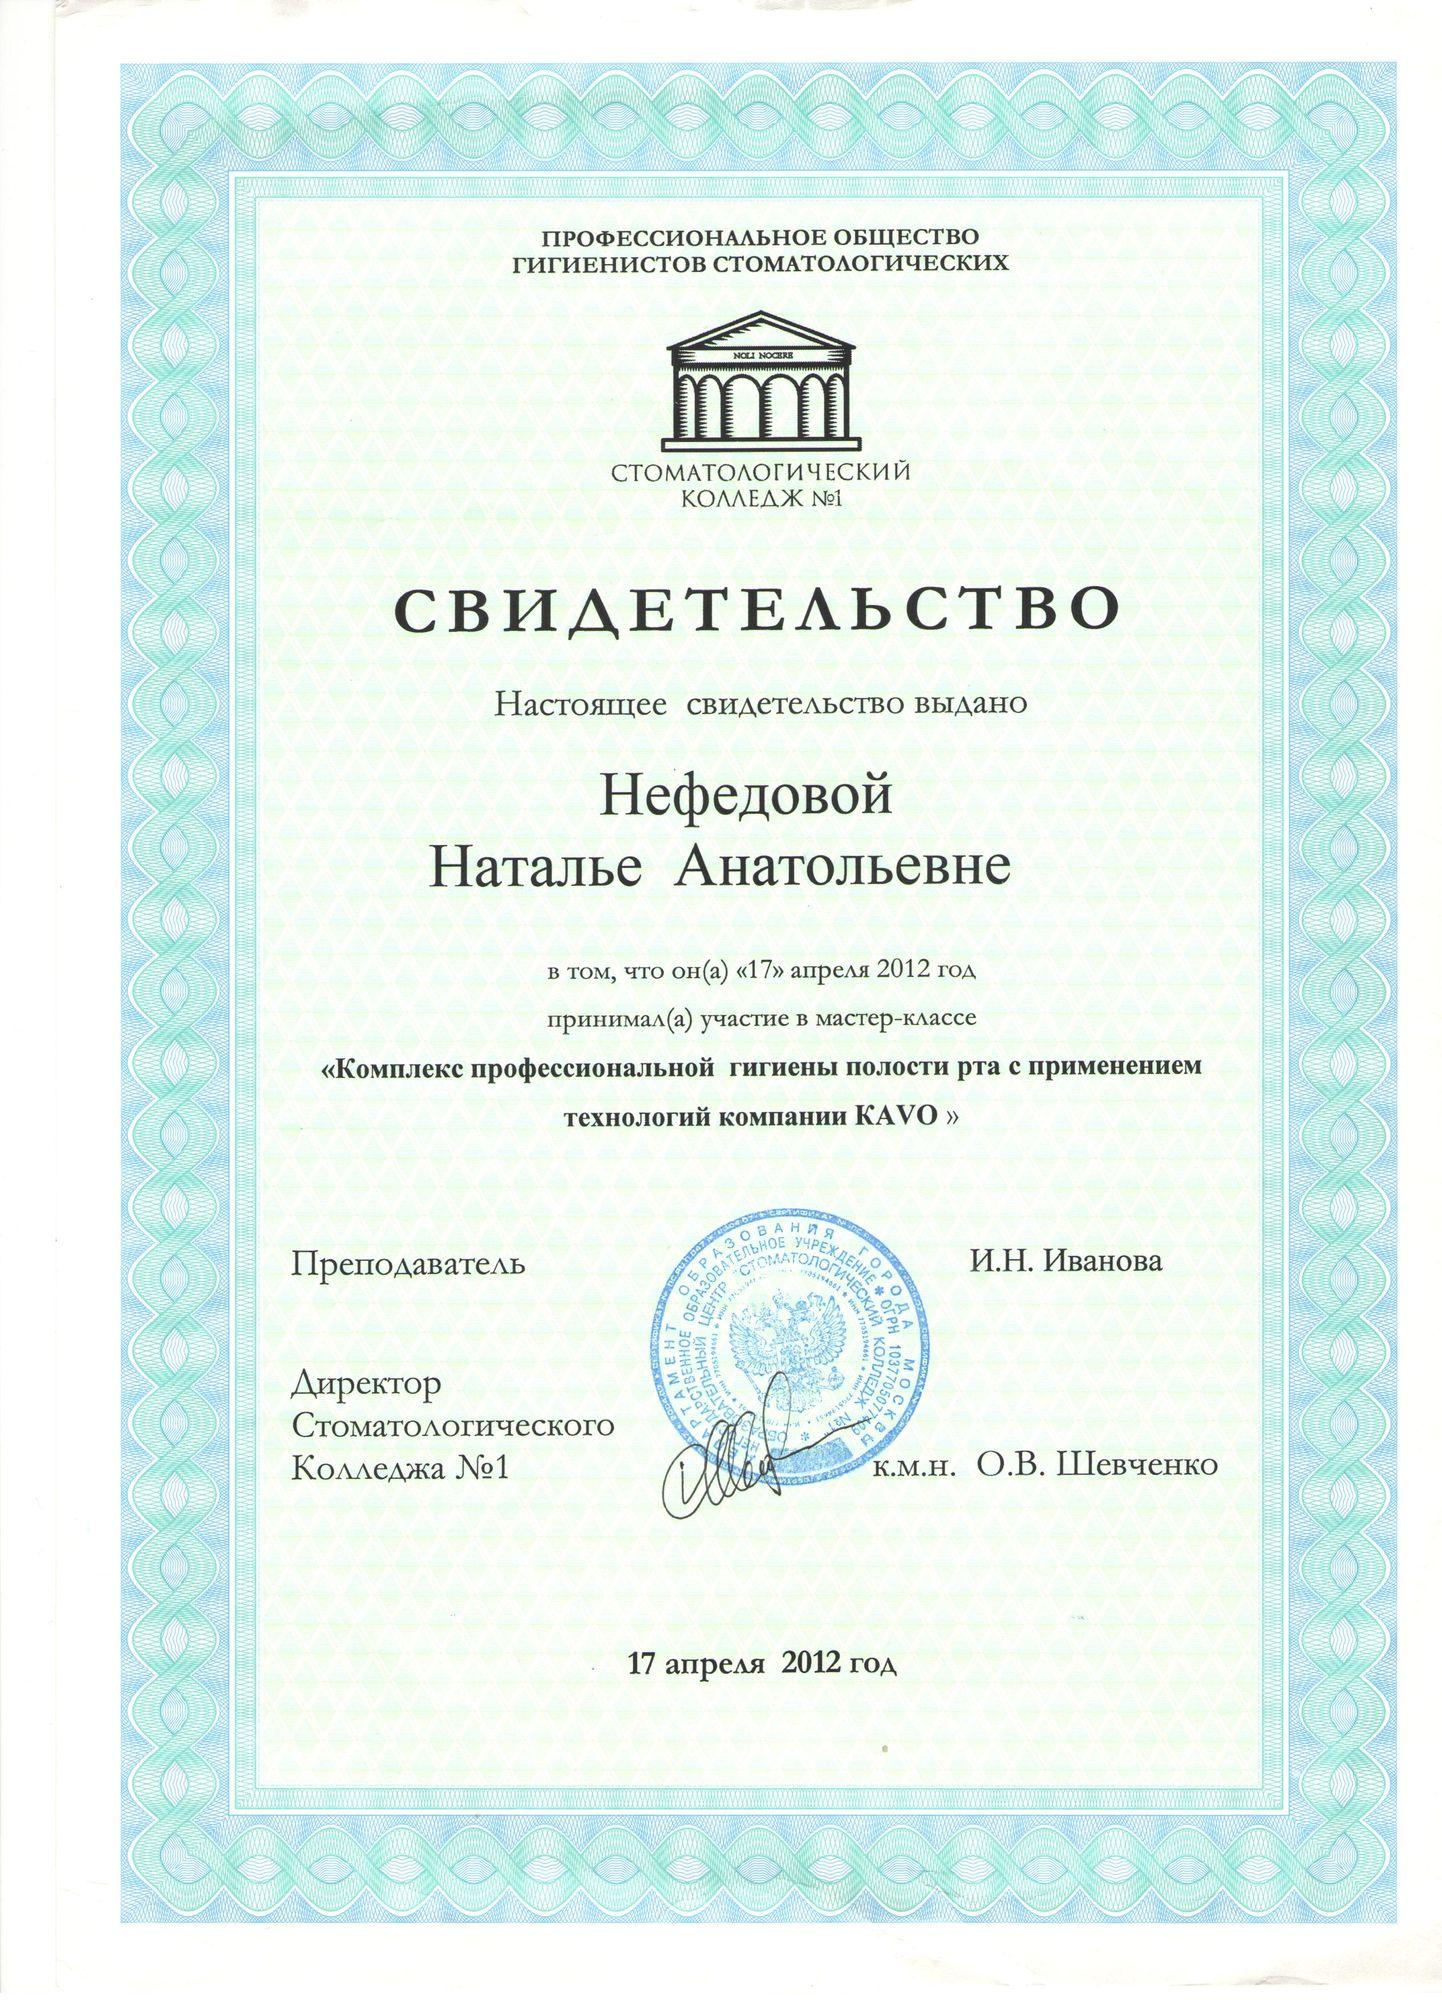 Нефедова_сертификаты_23